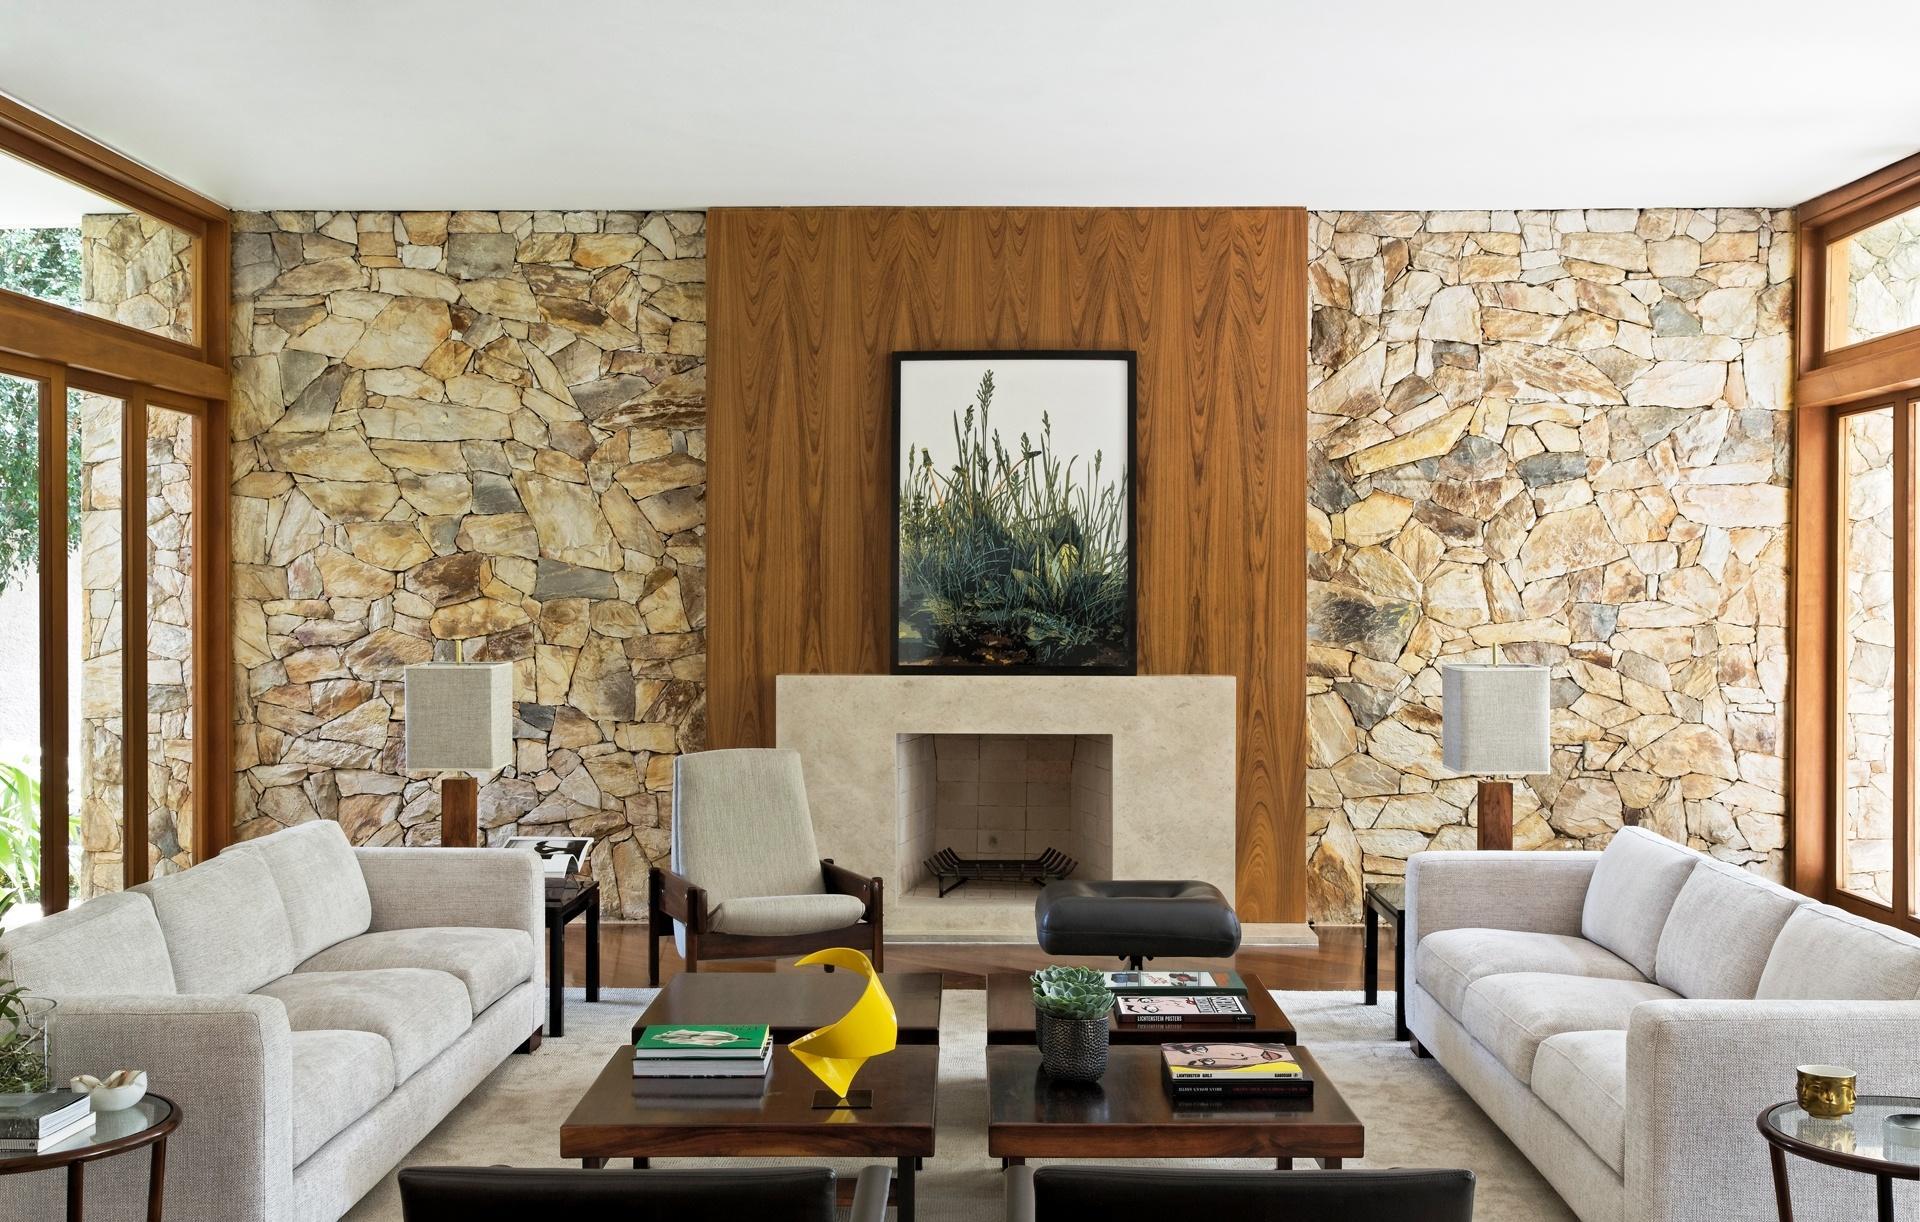 Categoria: Casas Urbanas - Beto Galvez e Nórea de Vitto. A casa da década de 1960 passou por uma reforma, que preservou a parede de pedras atrás da lareira. A paleta de cores sóbrias e versáteis, como o bege e o preto, destaca as obras de arte